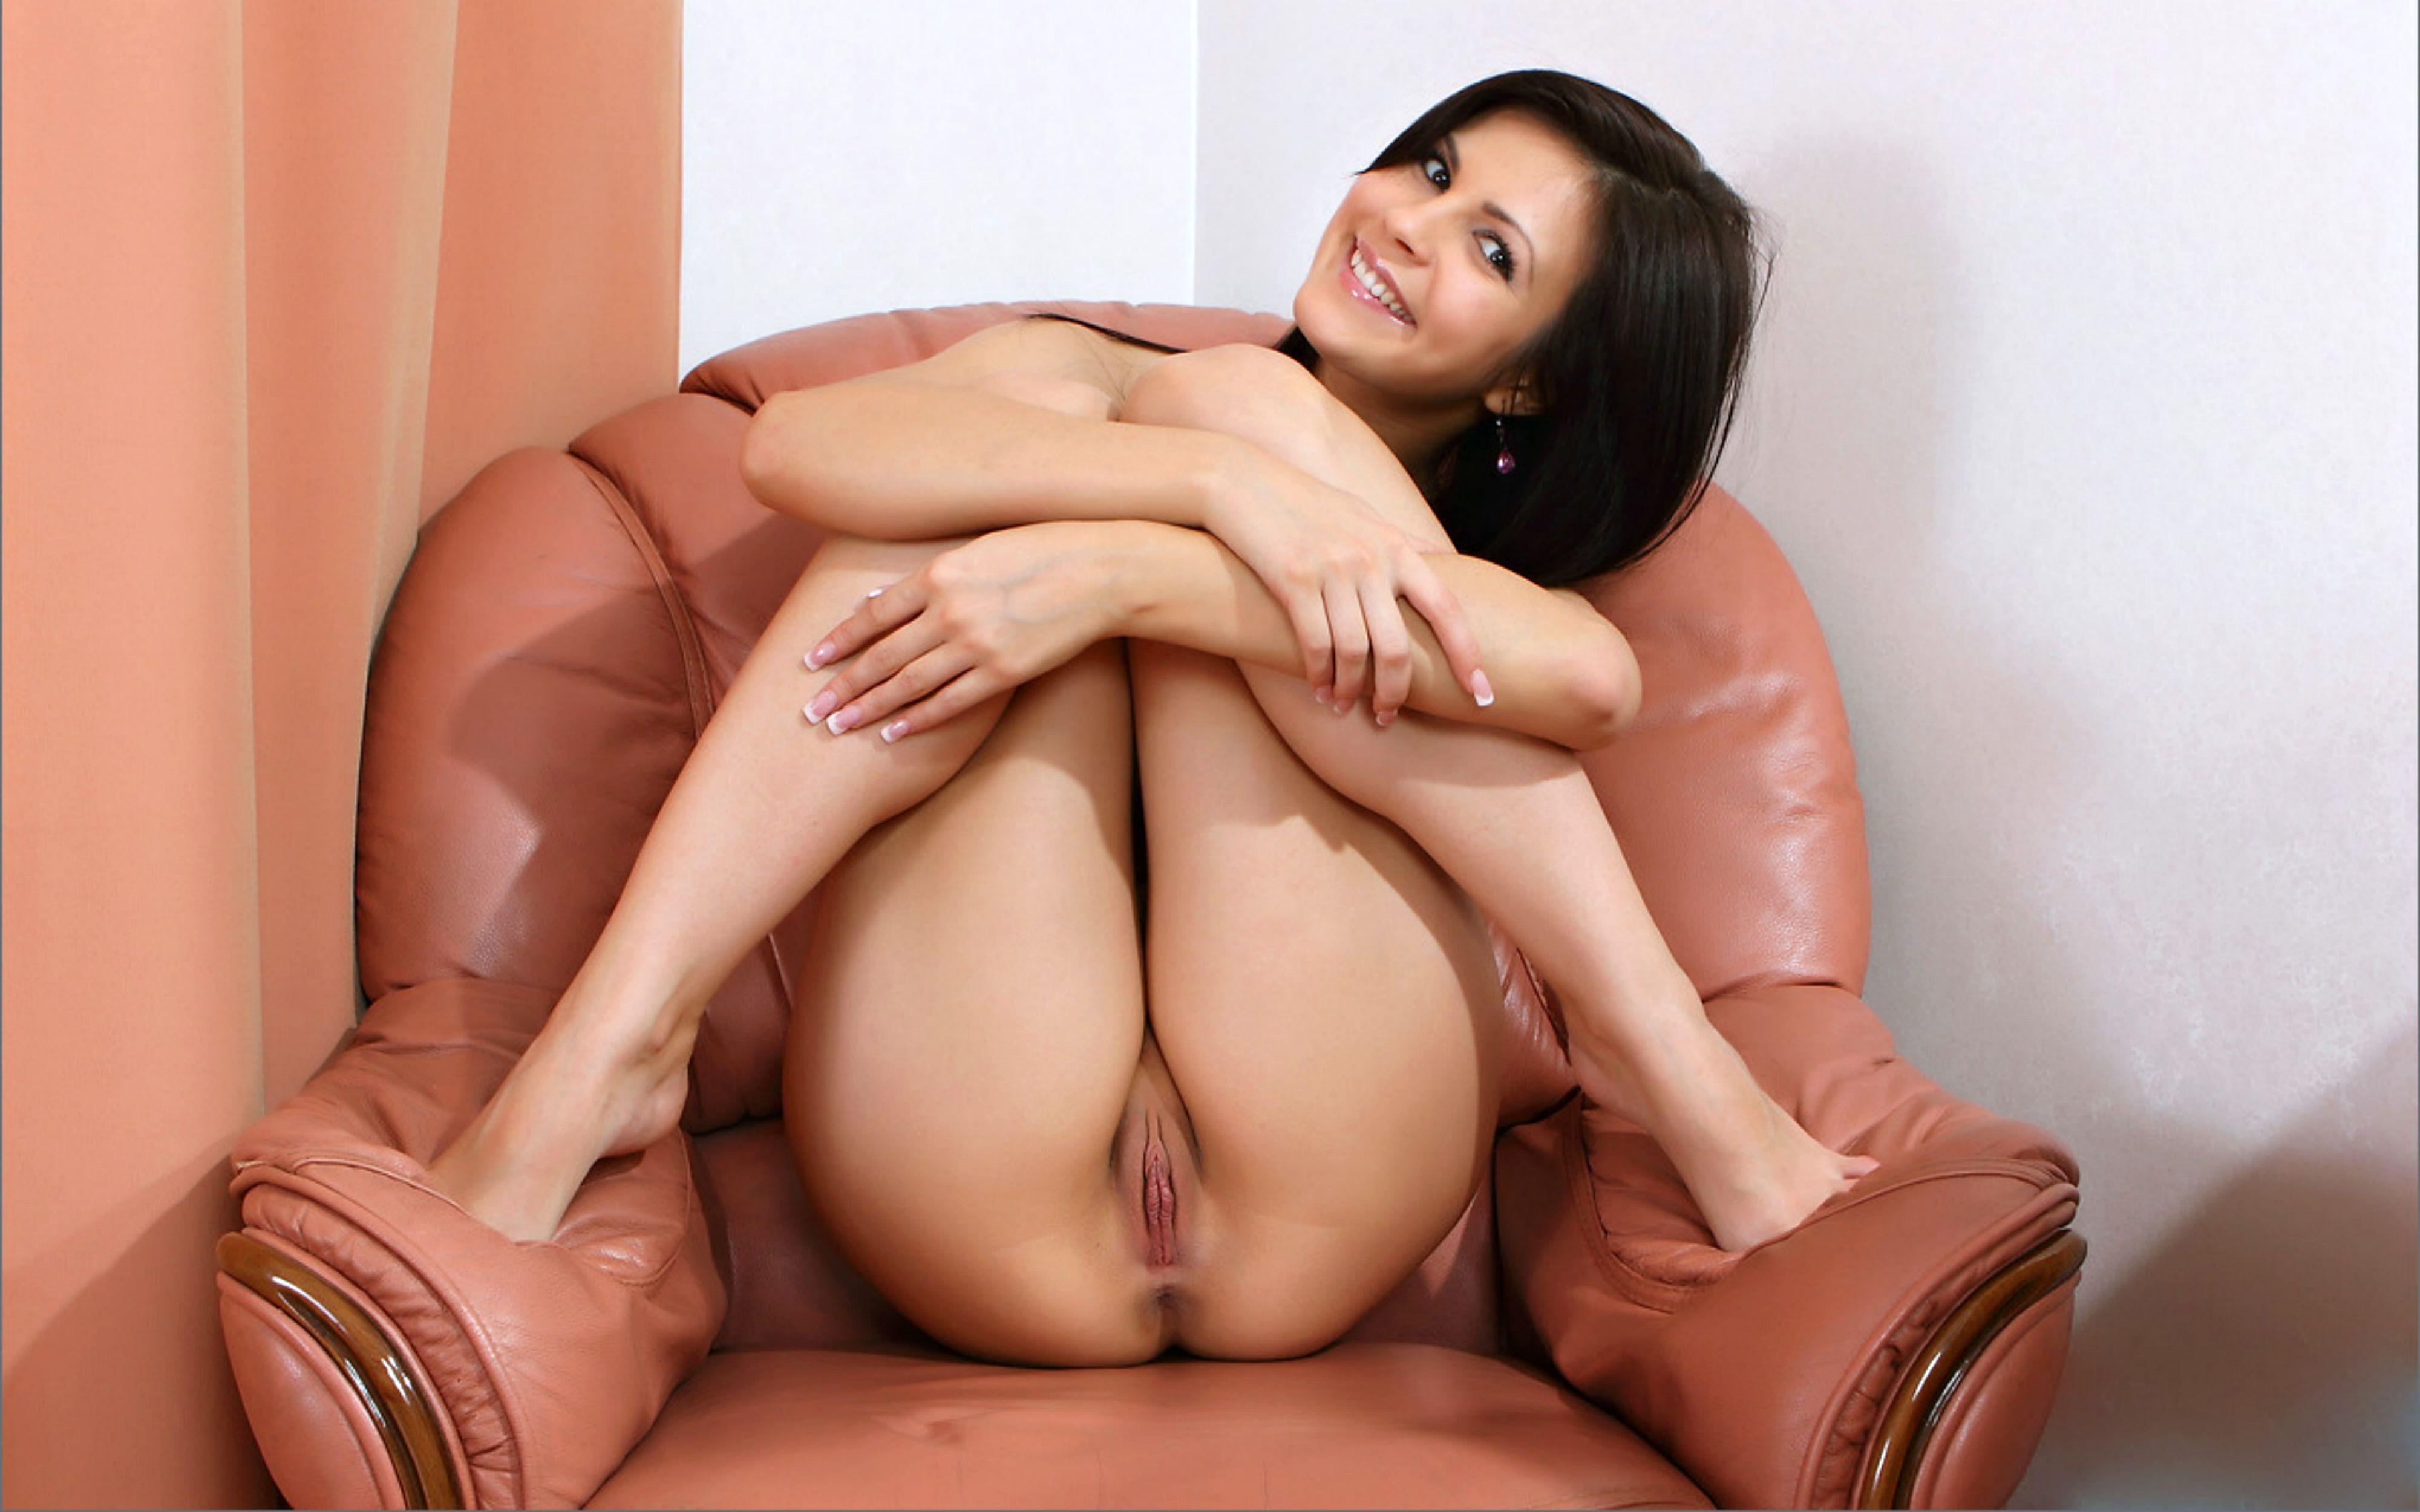 Смотреть красивое порно онлайн с брюнетками 12 фотография